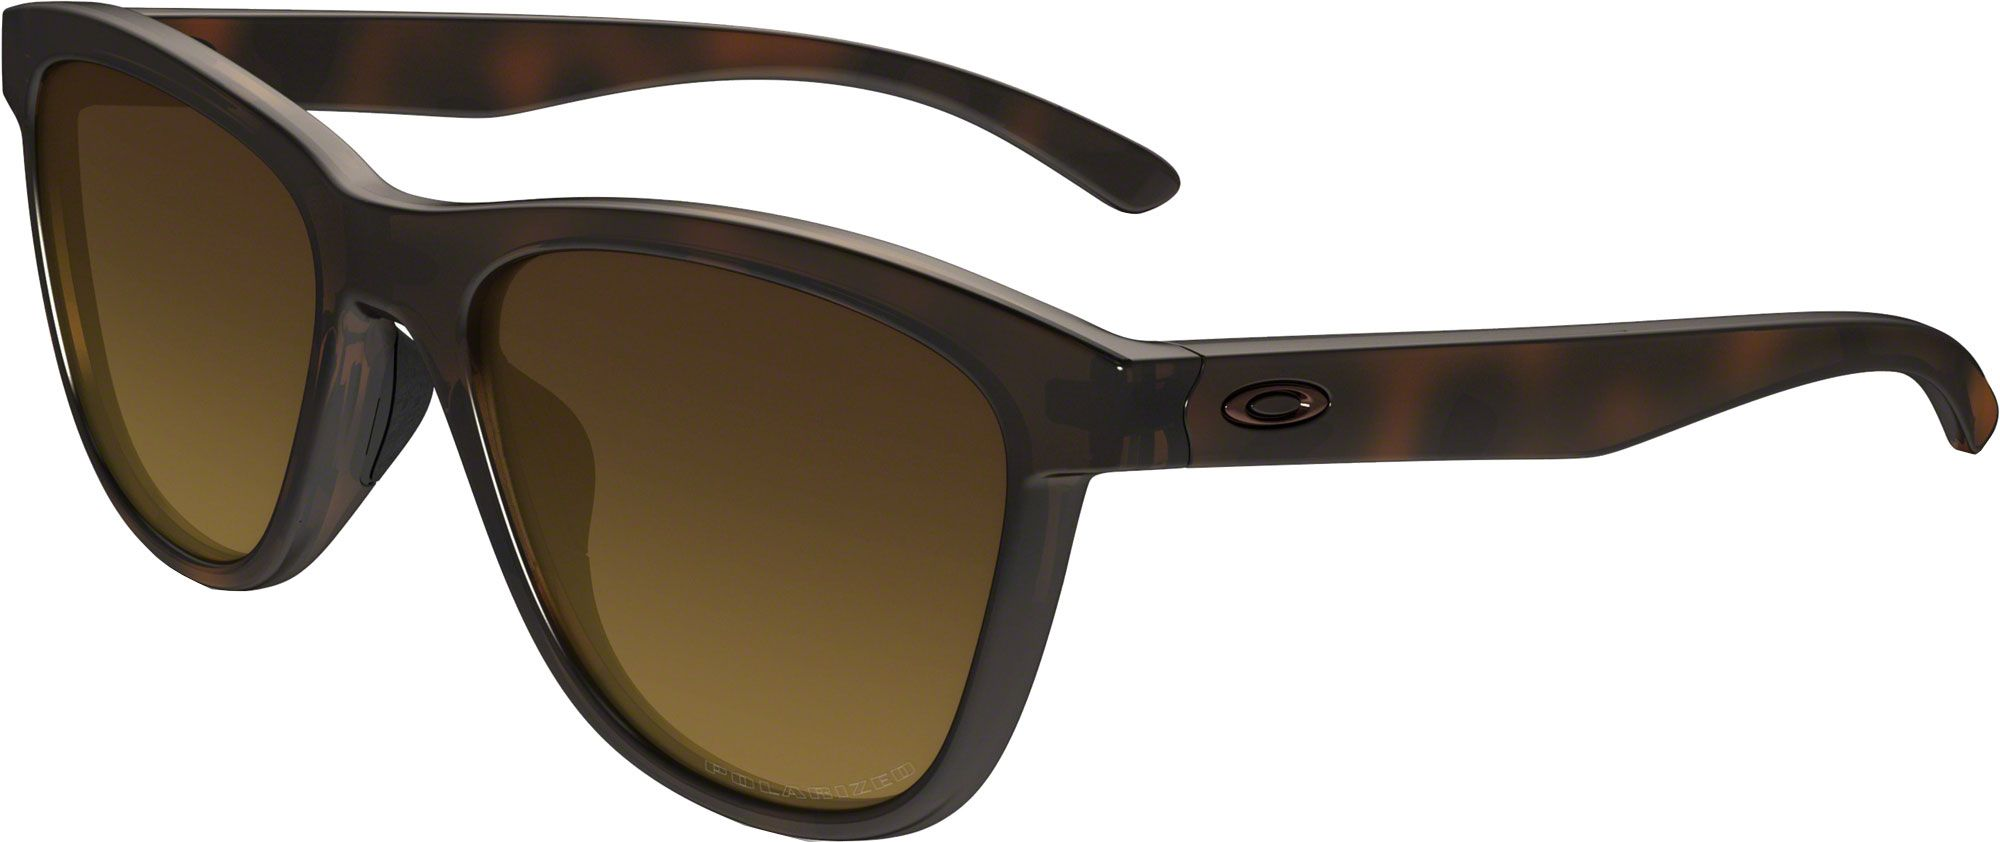 oakley sunglasses moonlighter